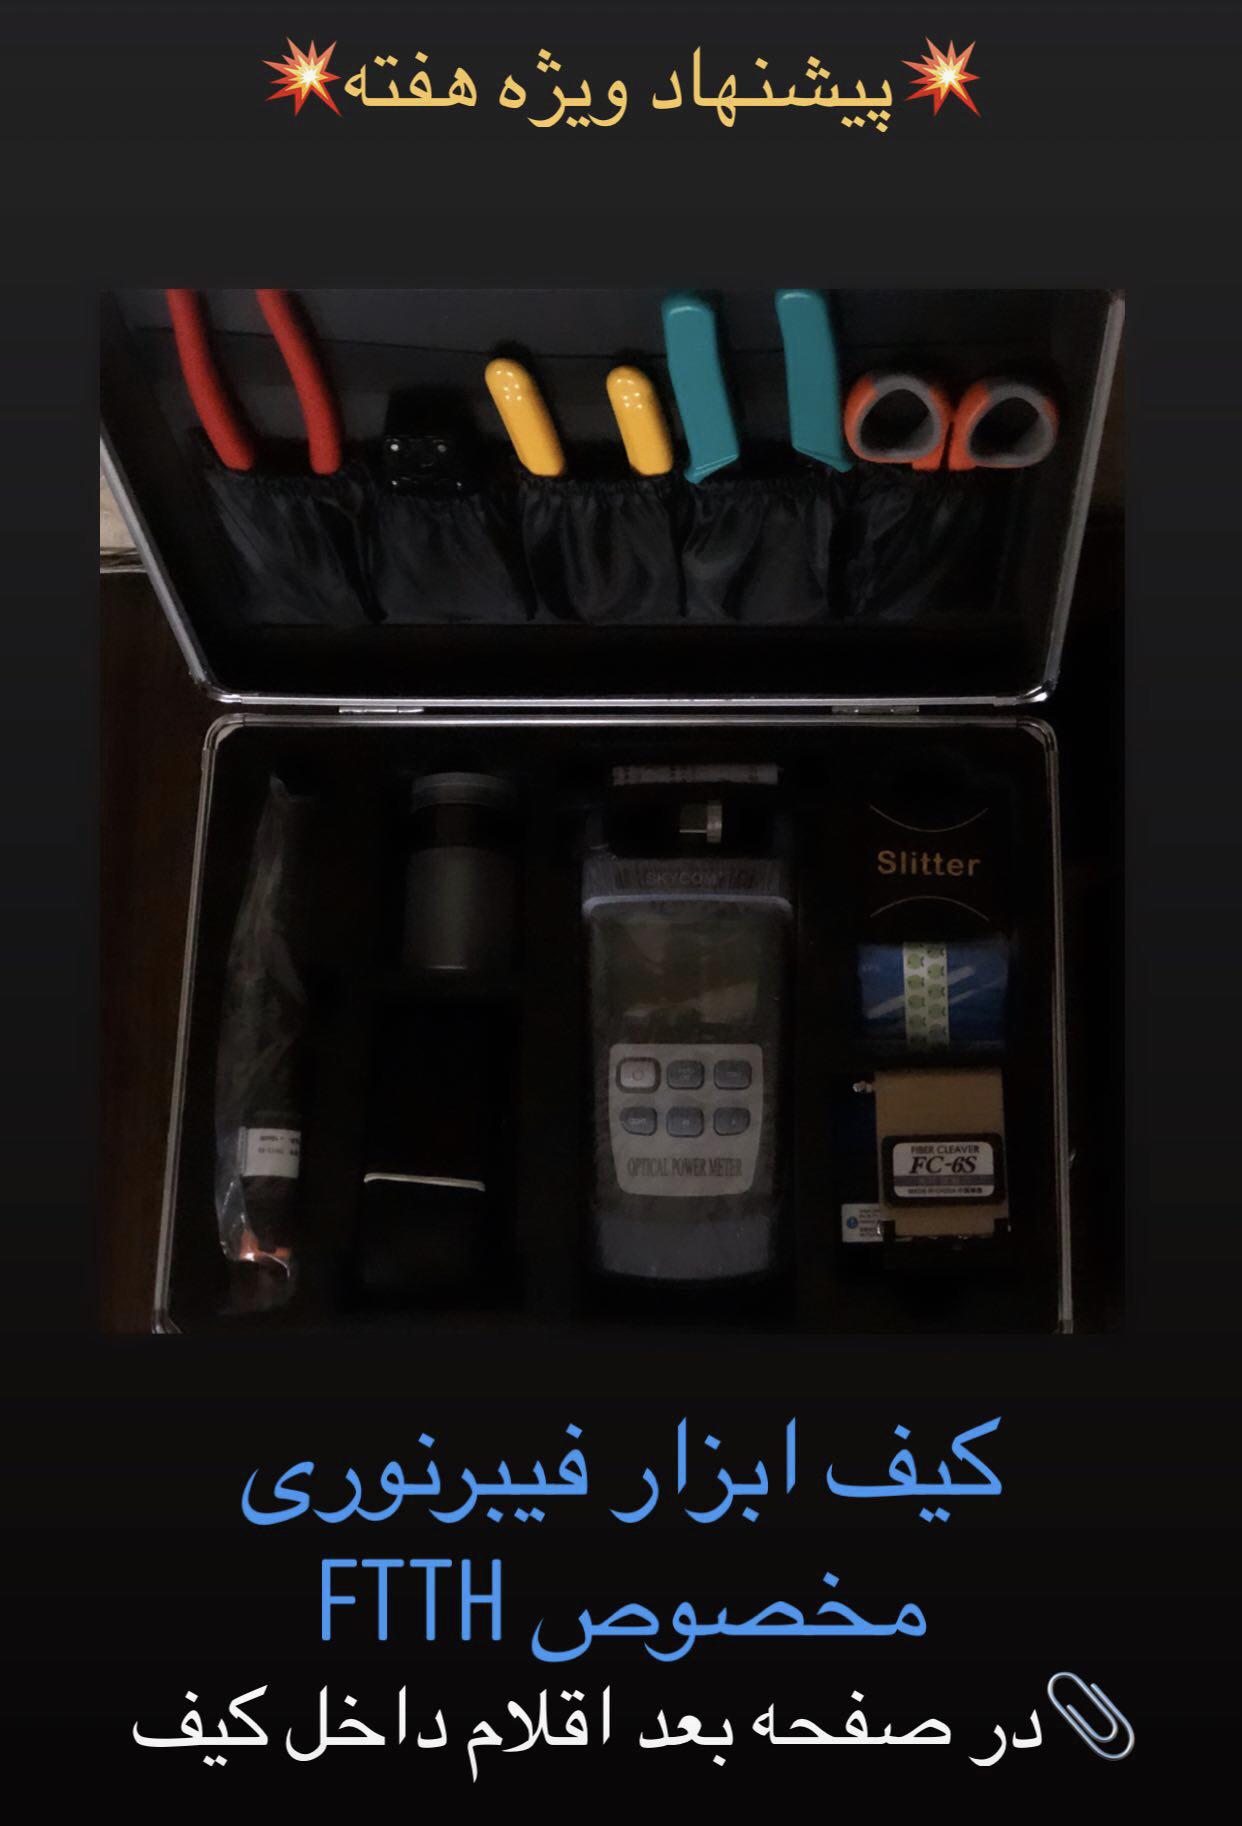 کیف ابزار فیبر نوری مخصوص Ftth